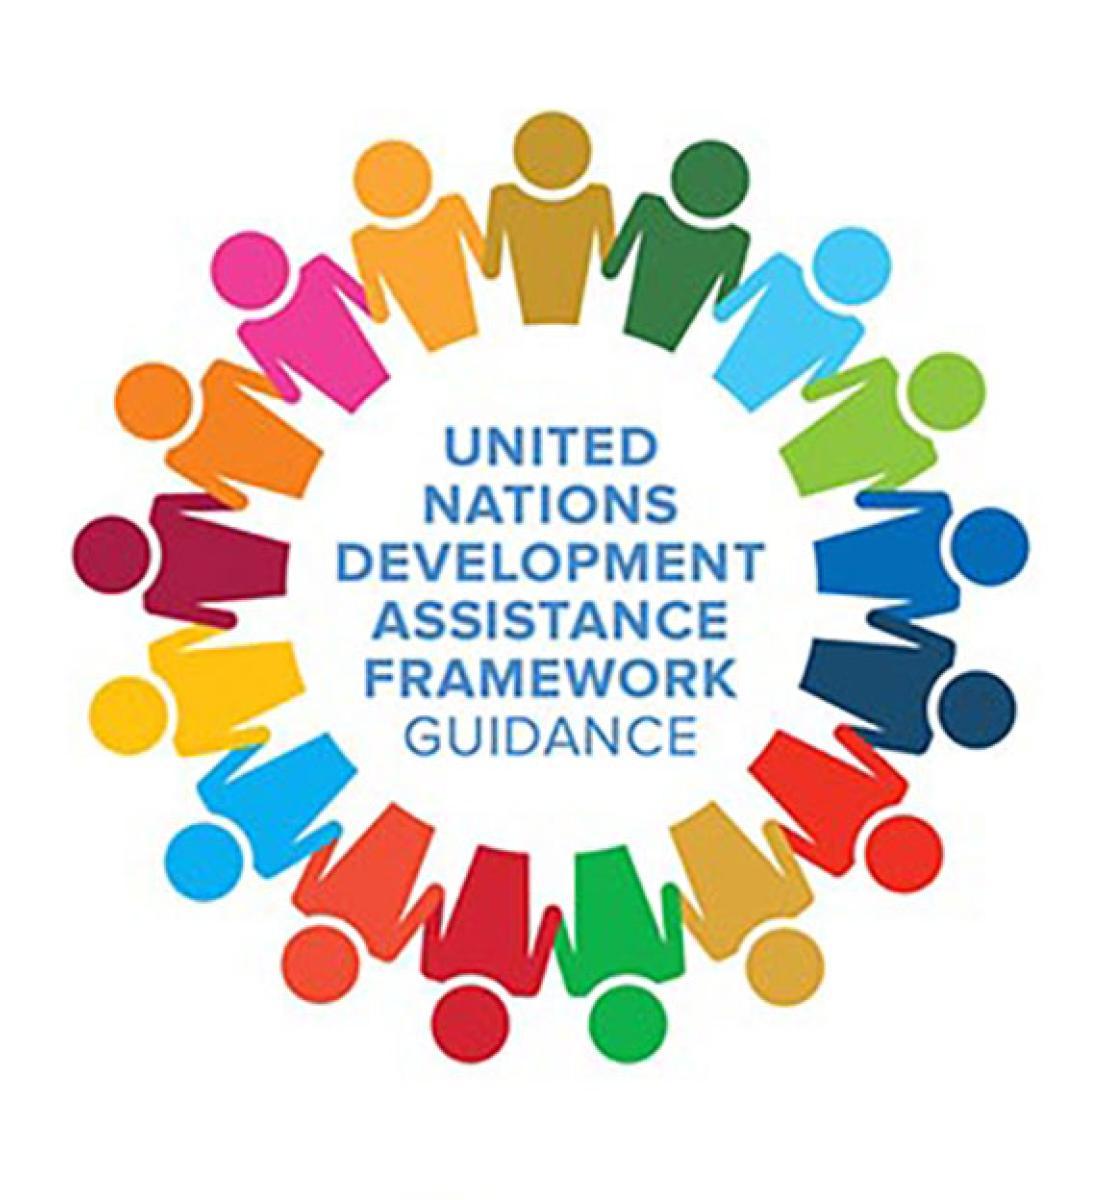 Template for preparing the UNDAF Roadmap